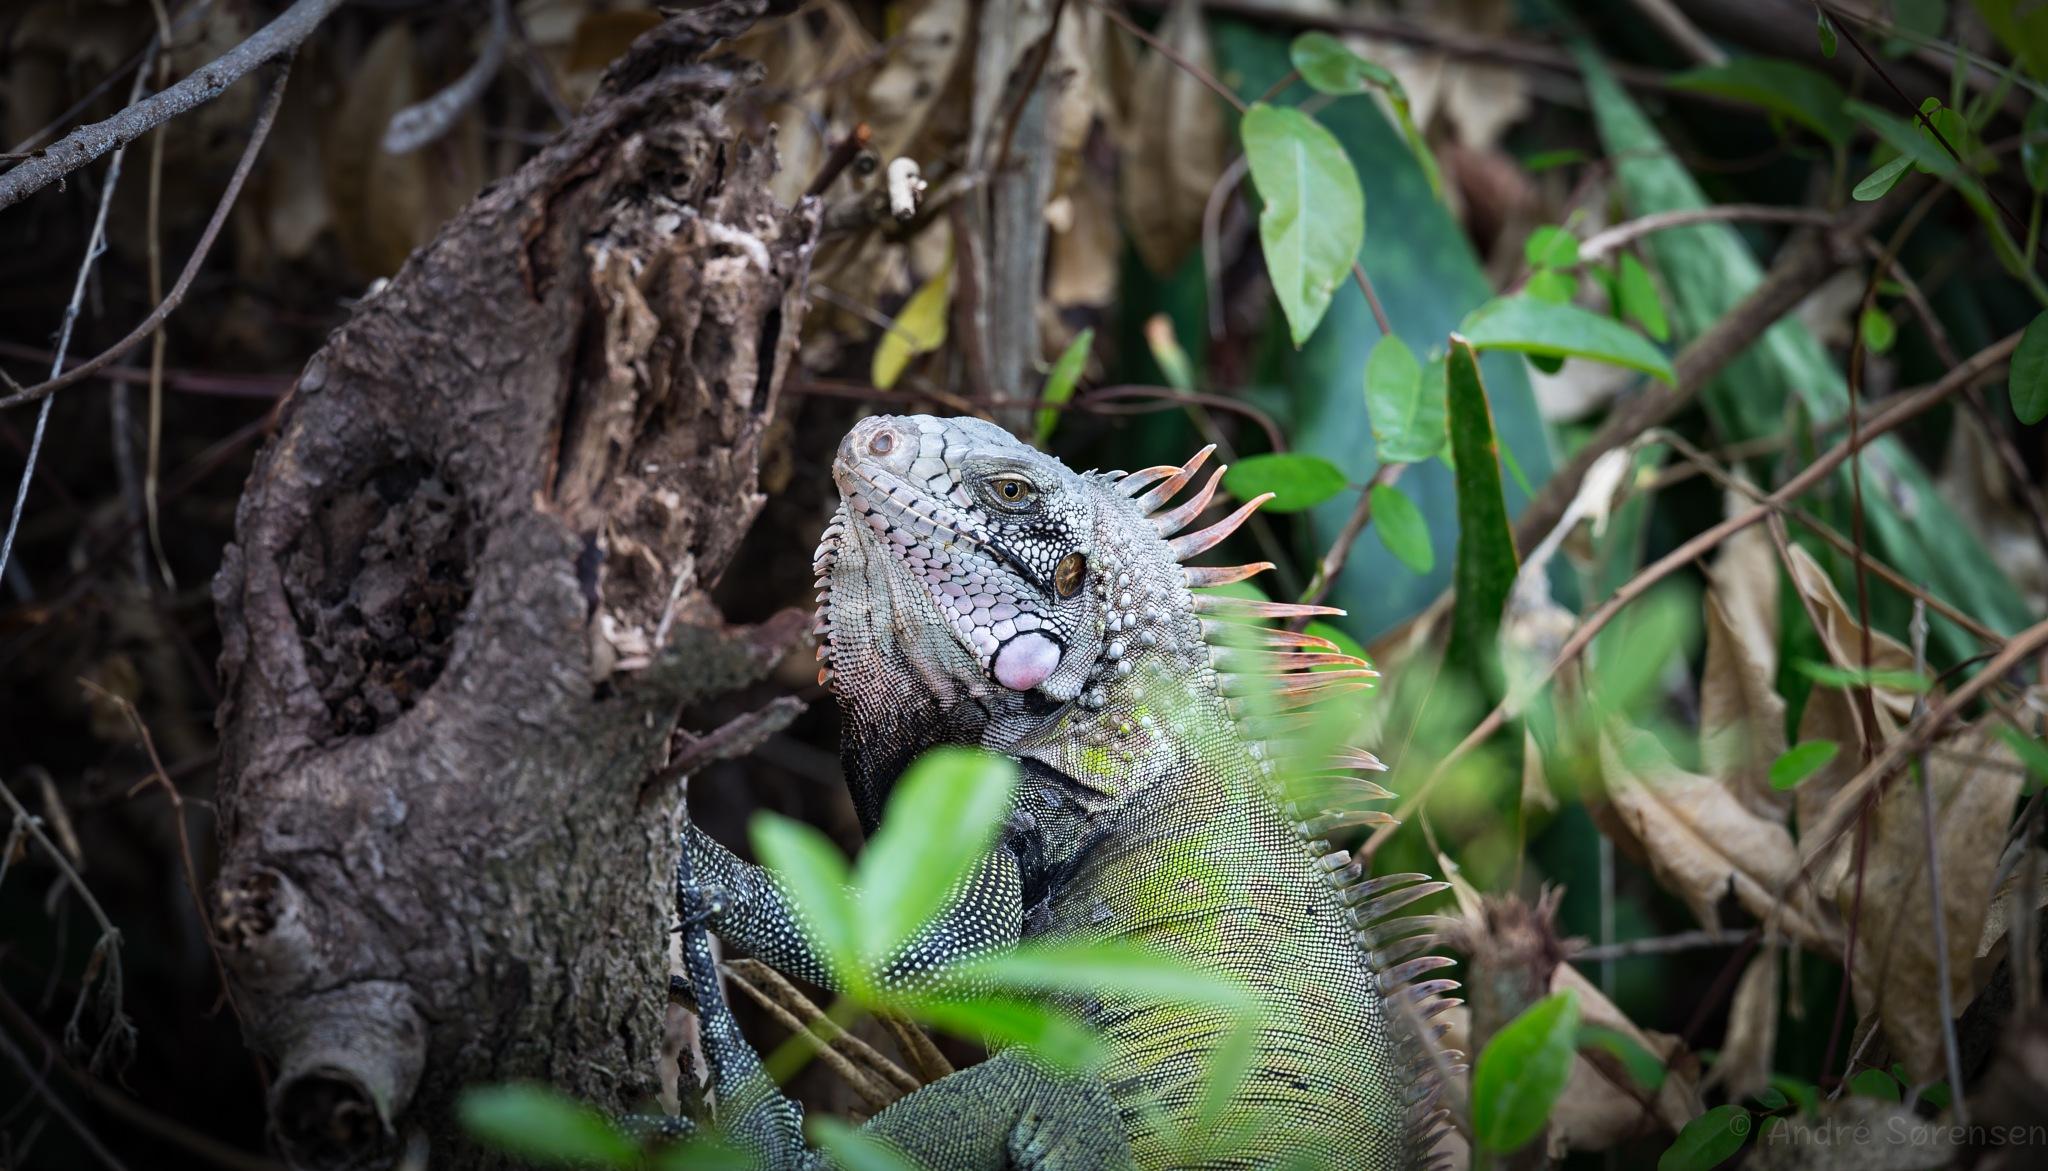 Iguana St. Croix USVI by André Soerensen